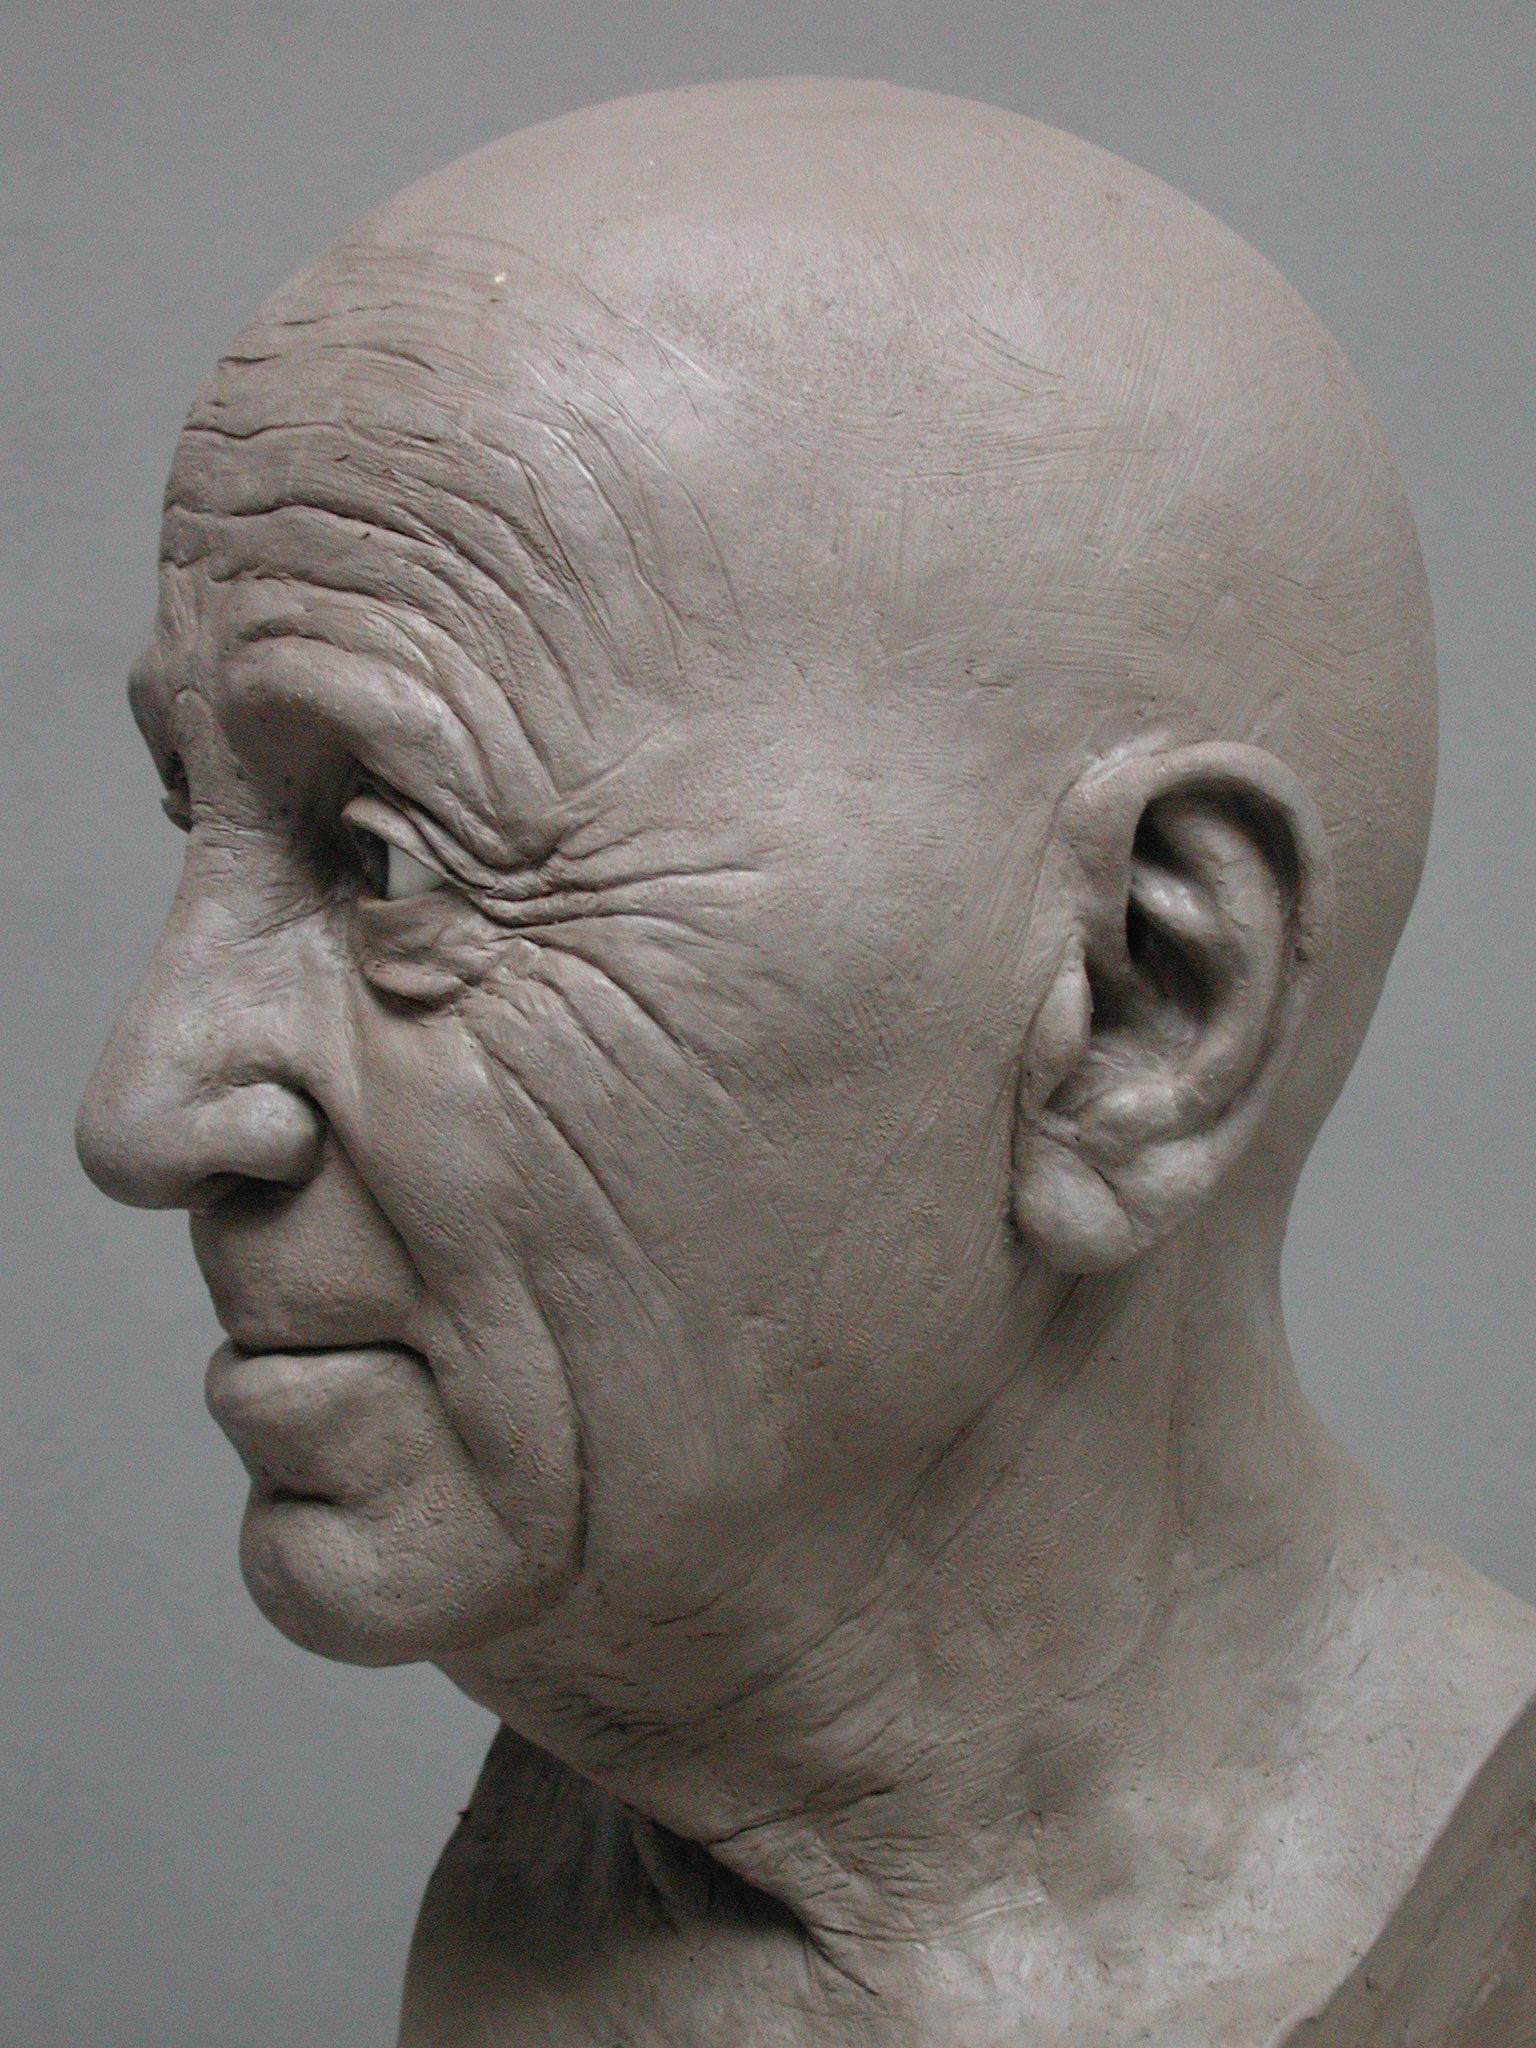 Charles Aznavour - Sculpture en terre par Eric Saint Chaffray - Credit Musée Grévin